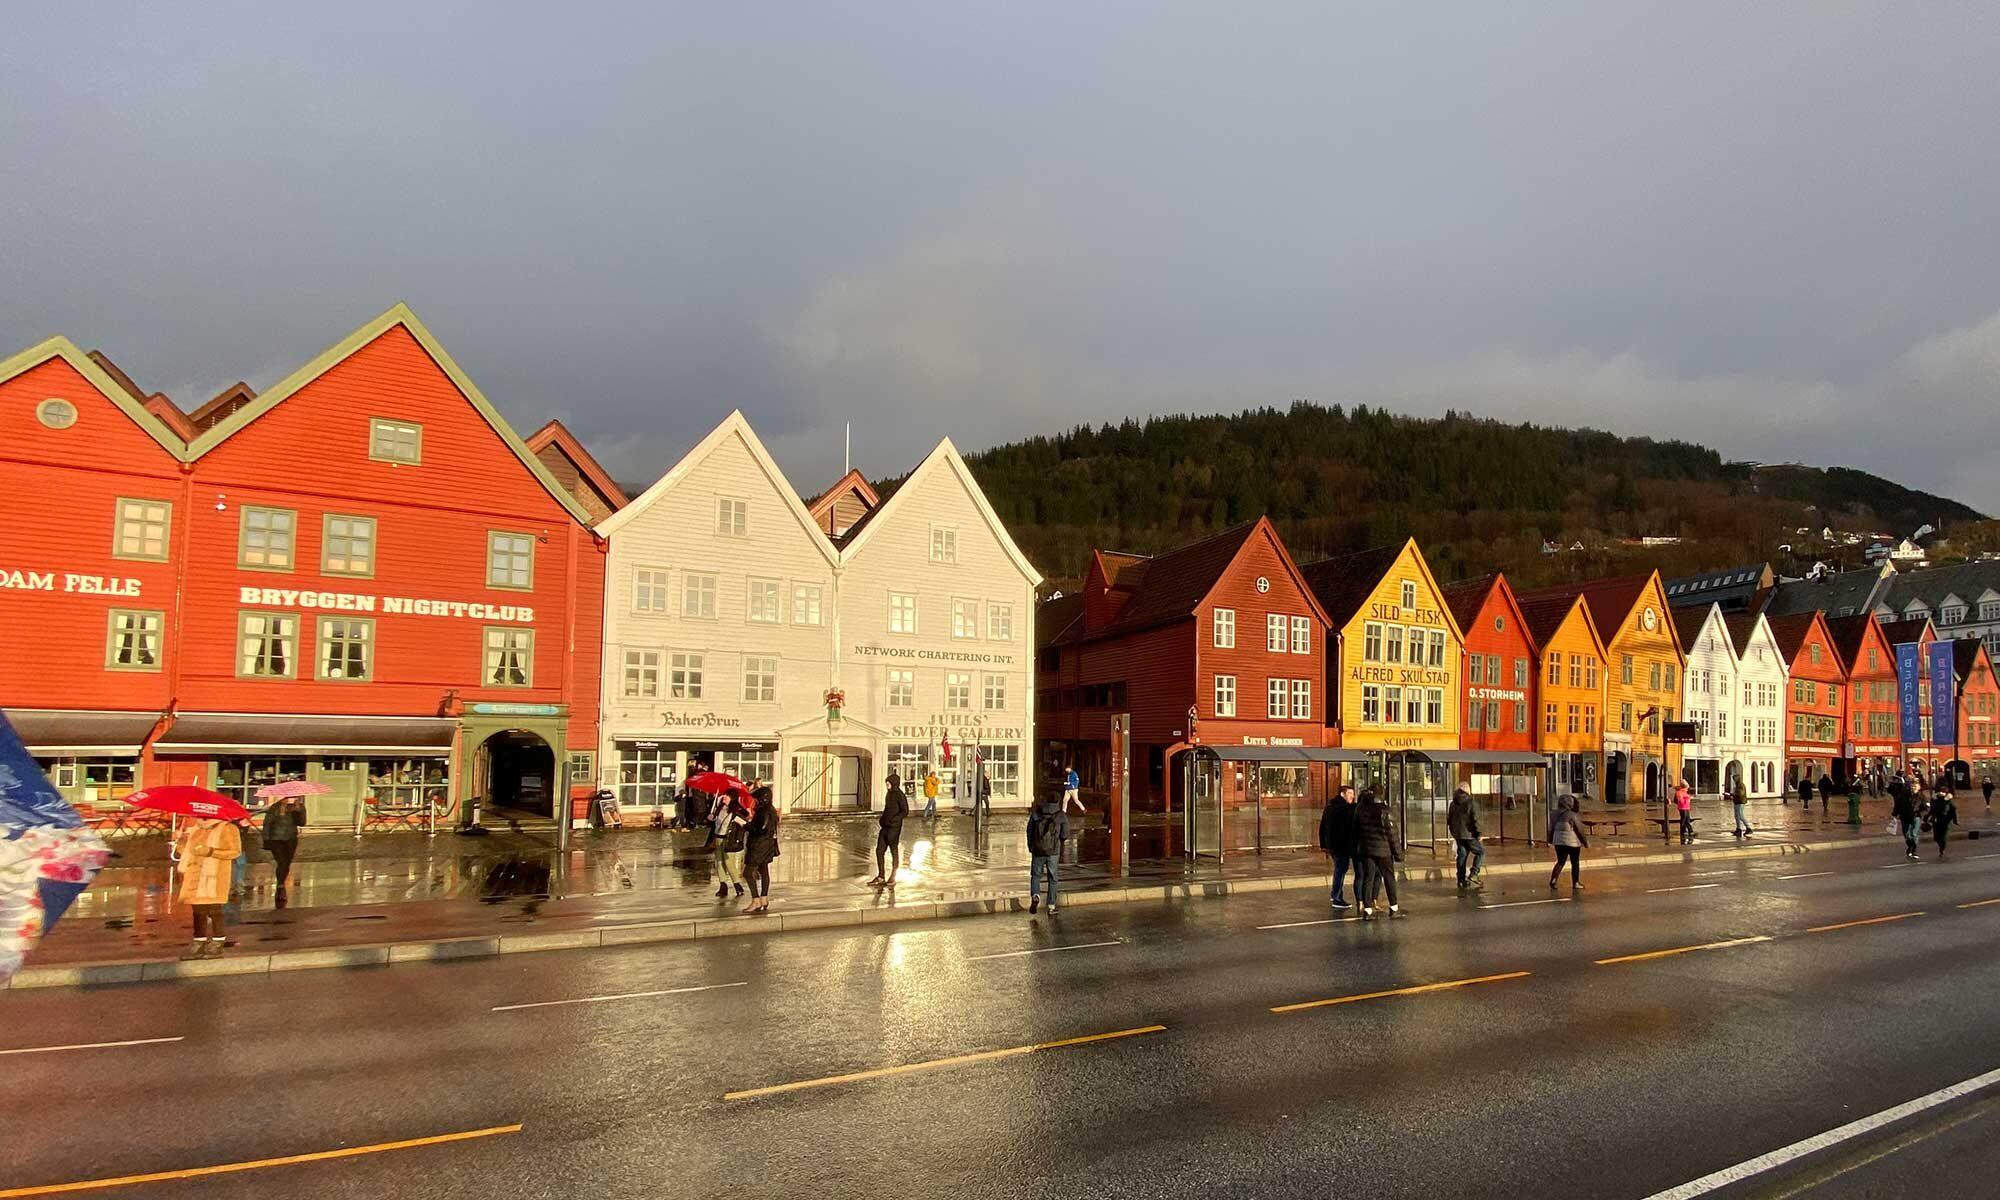 Das Bild zeigt die Häuserzeile Bryggen in Bergen